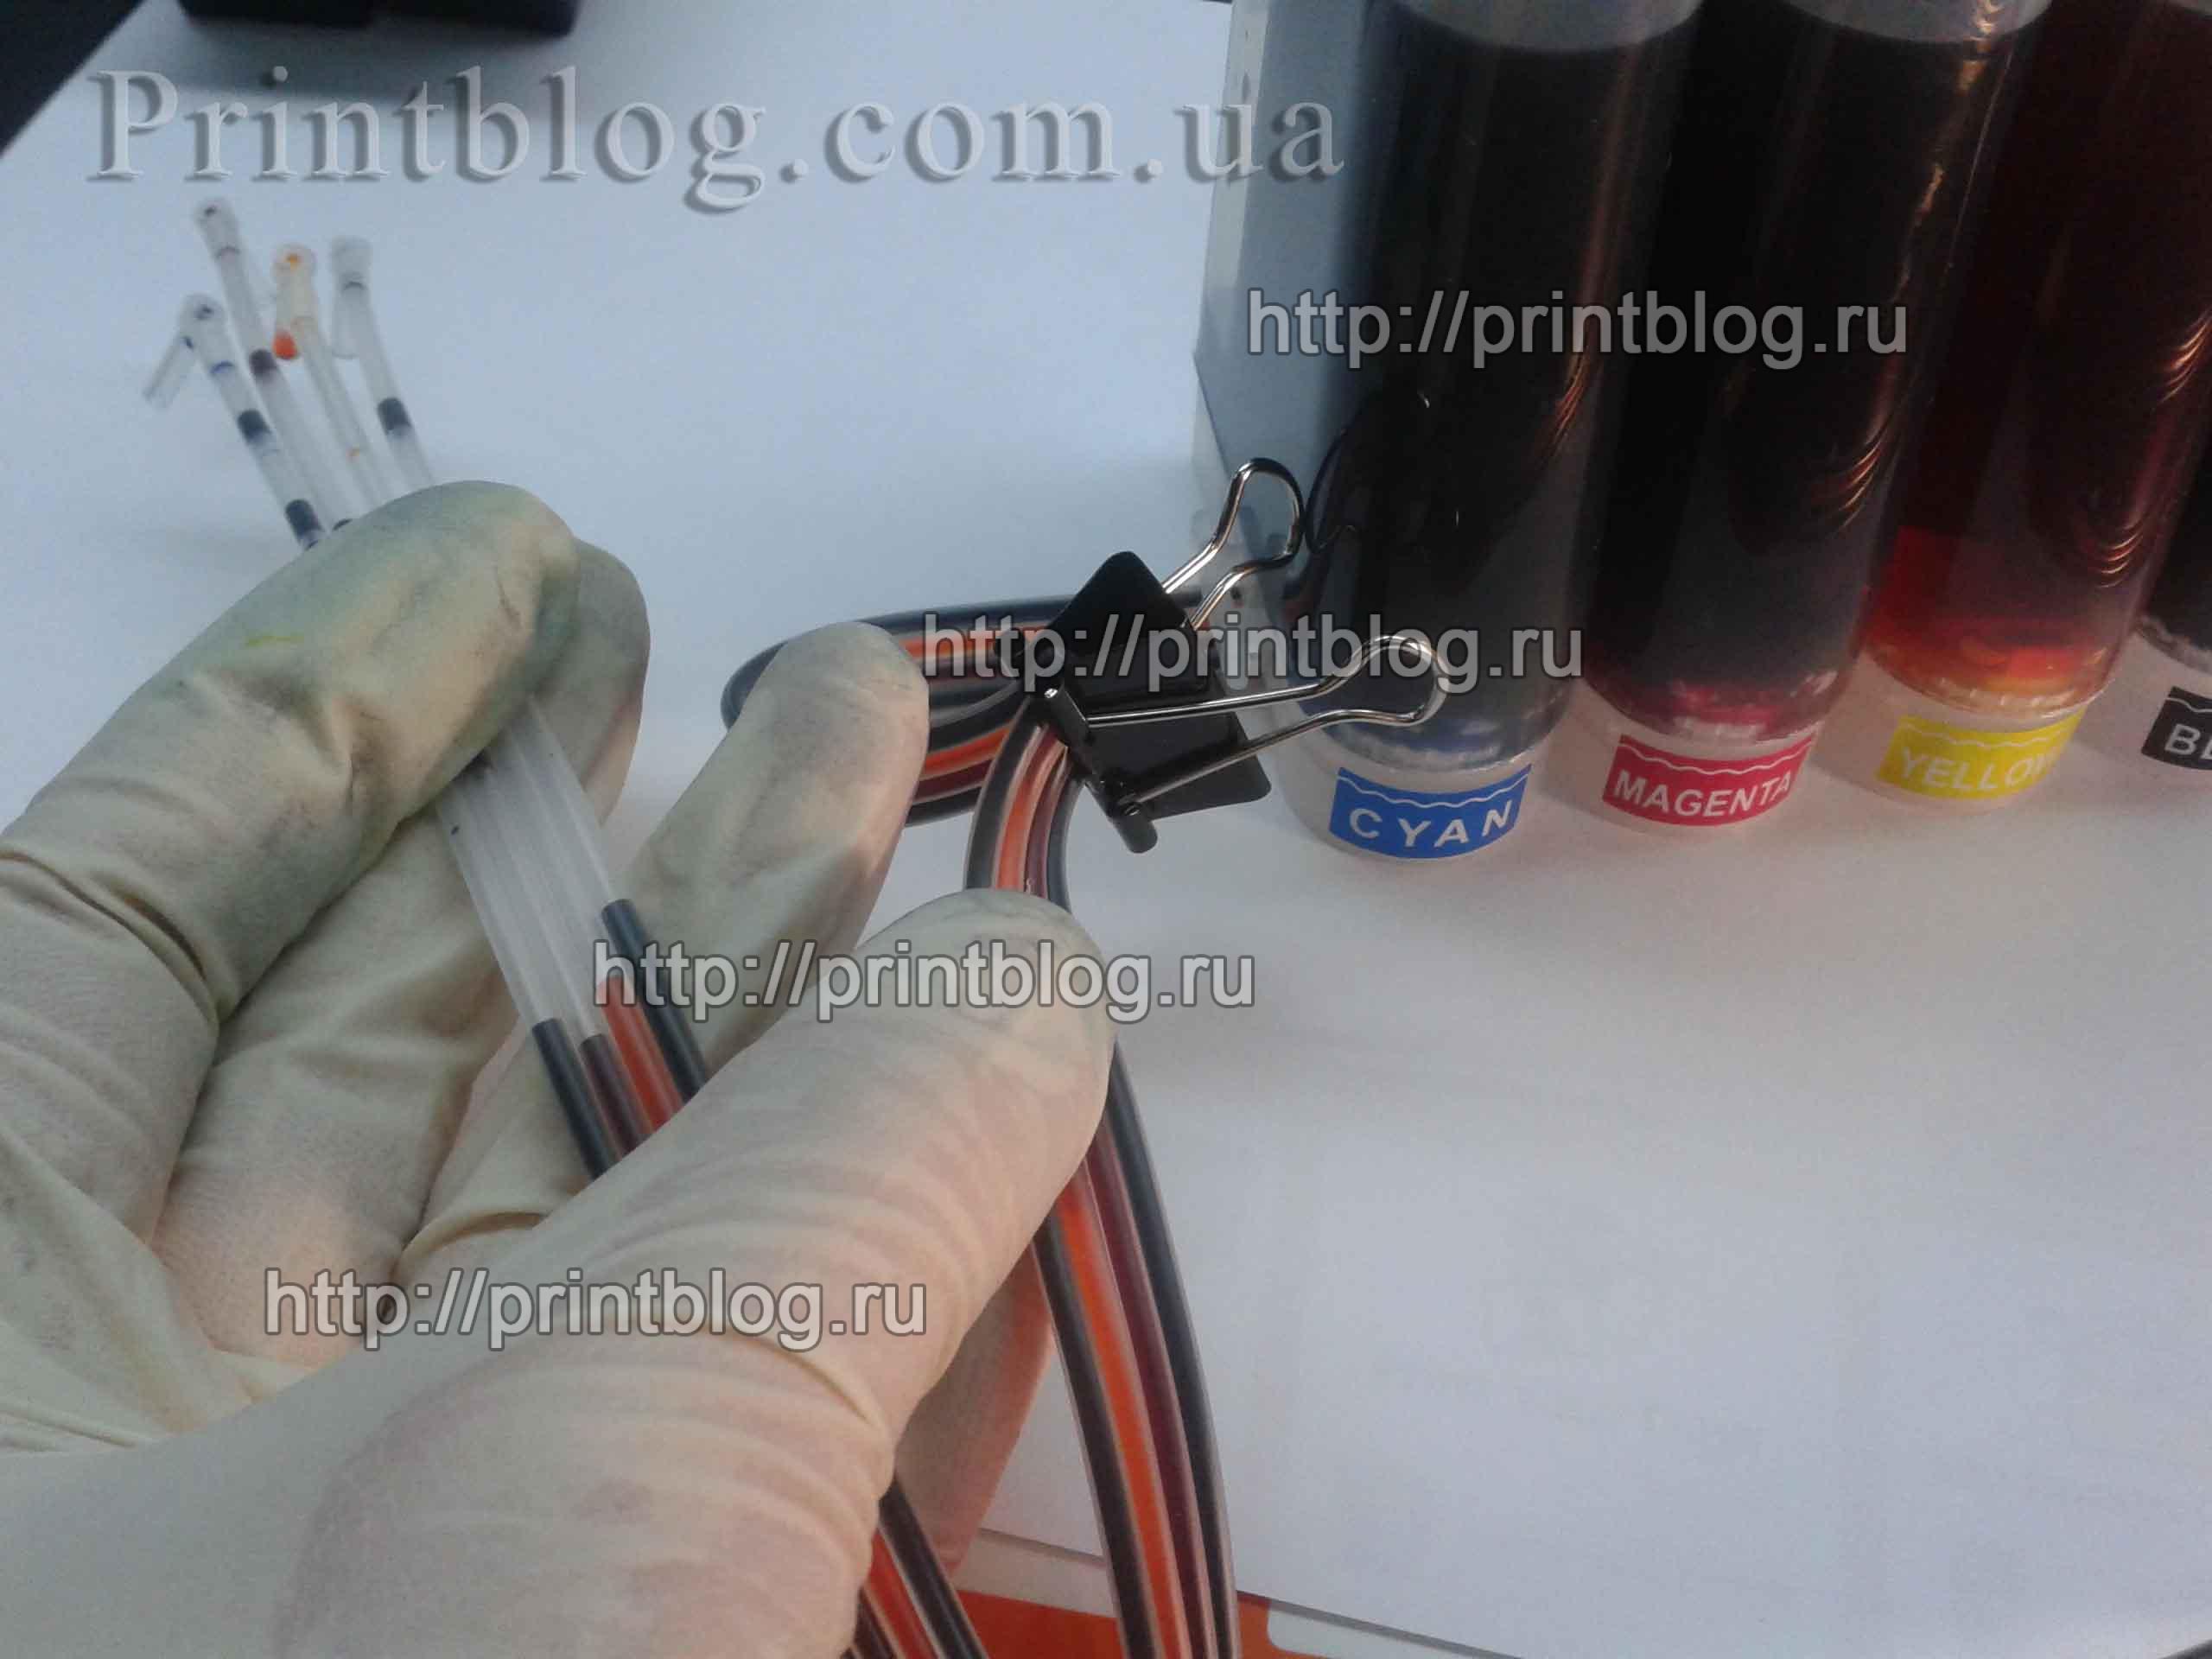 SNPCH_MG3540_1